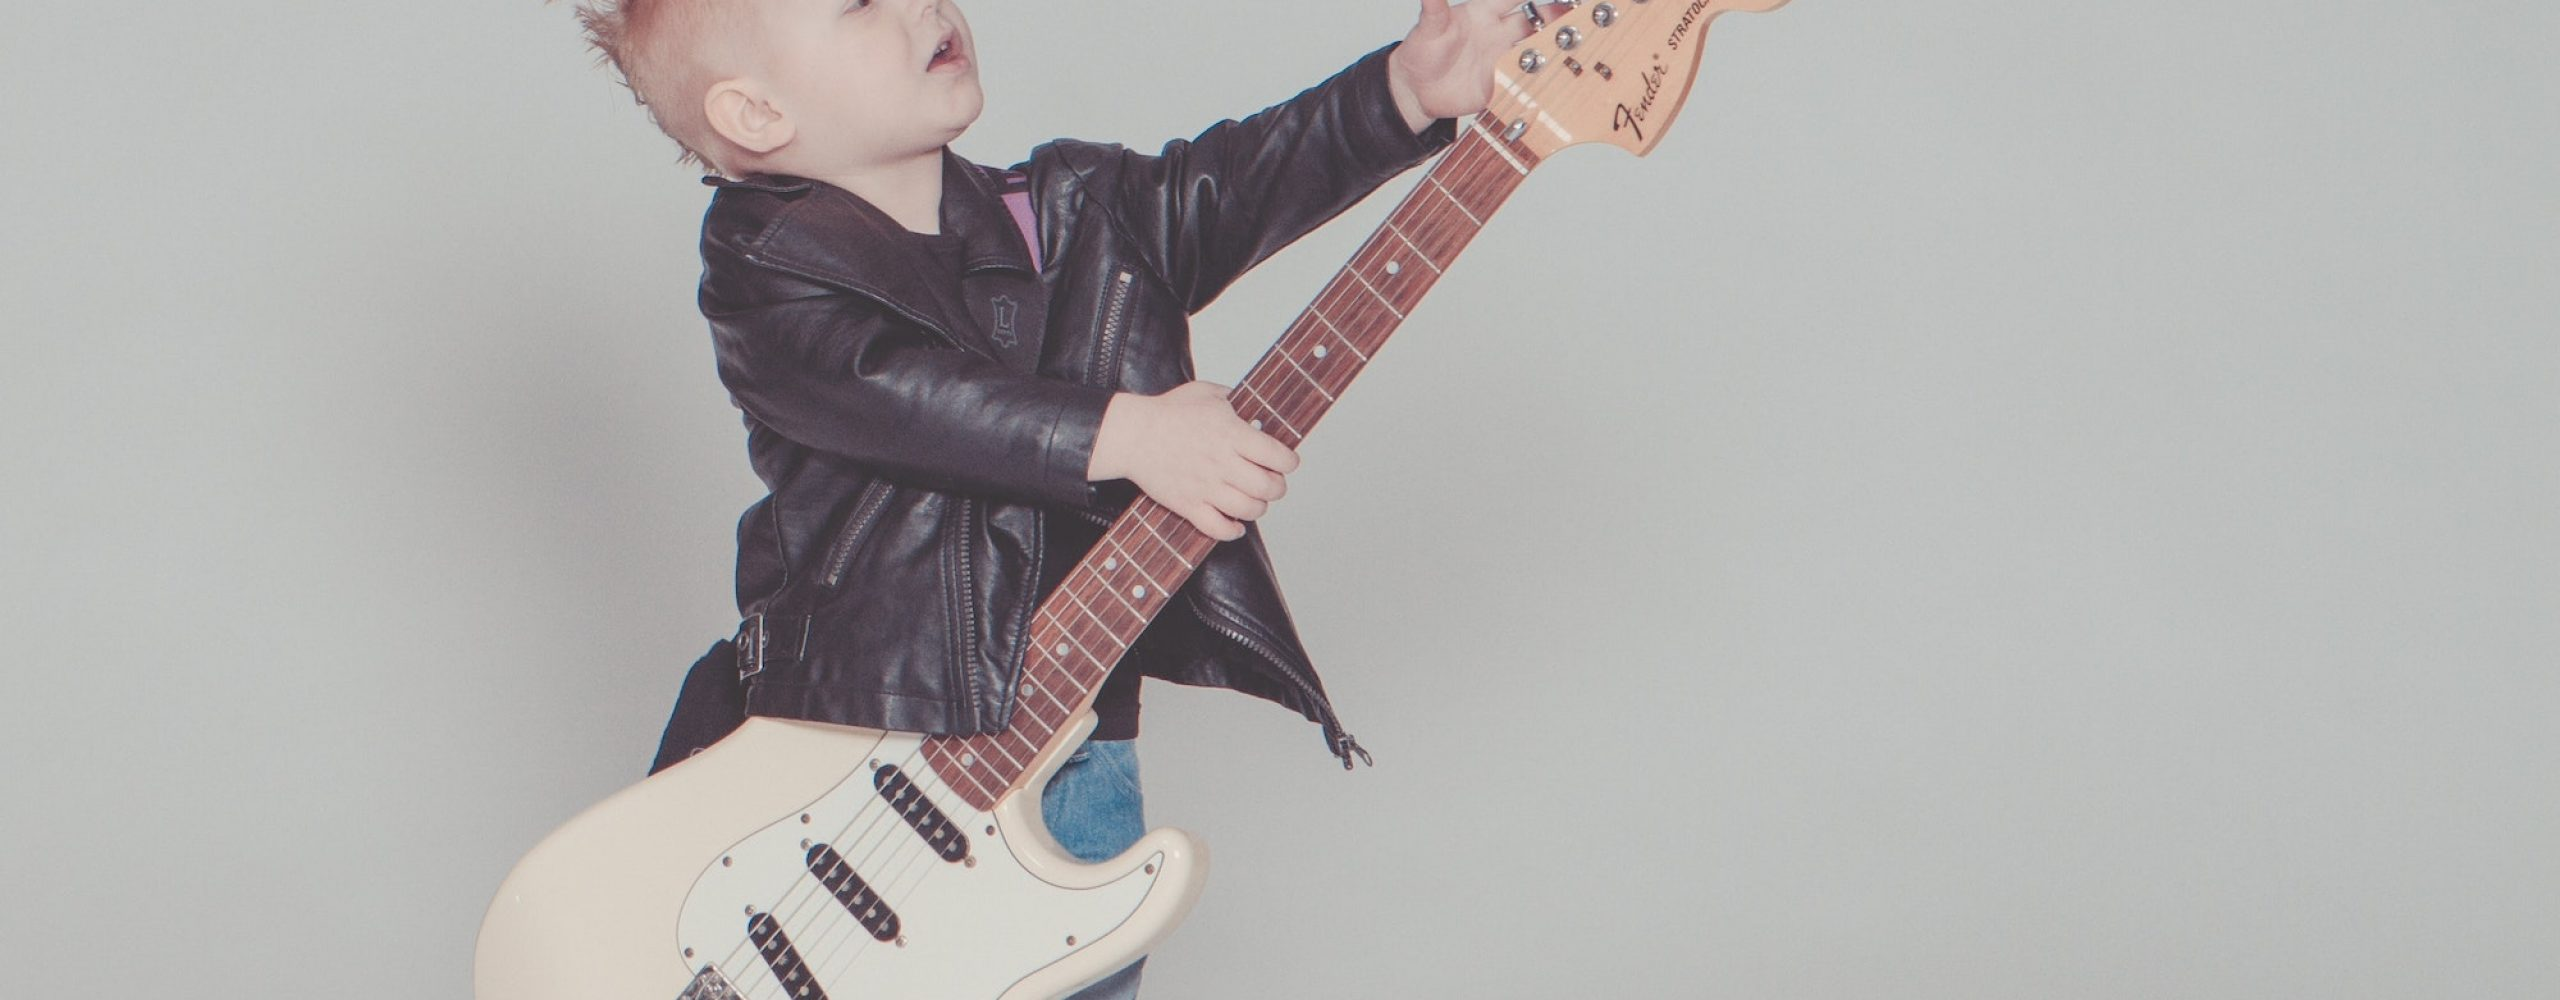 Guitar Practise - Starting Photo